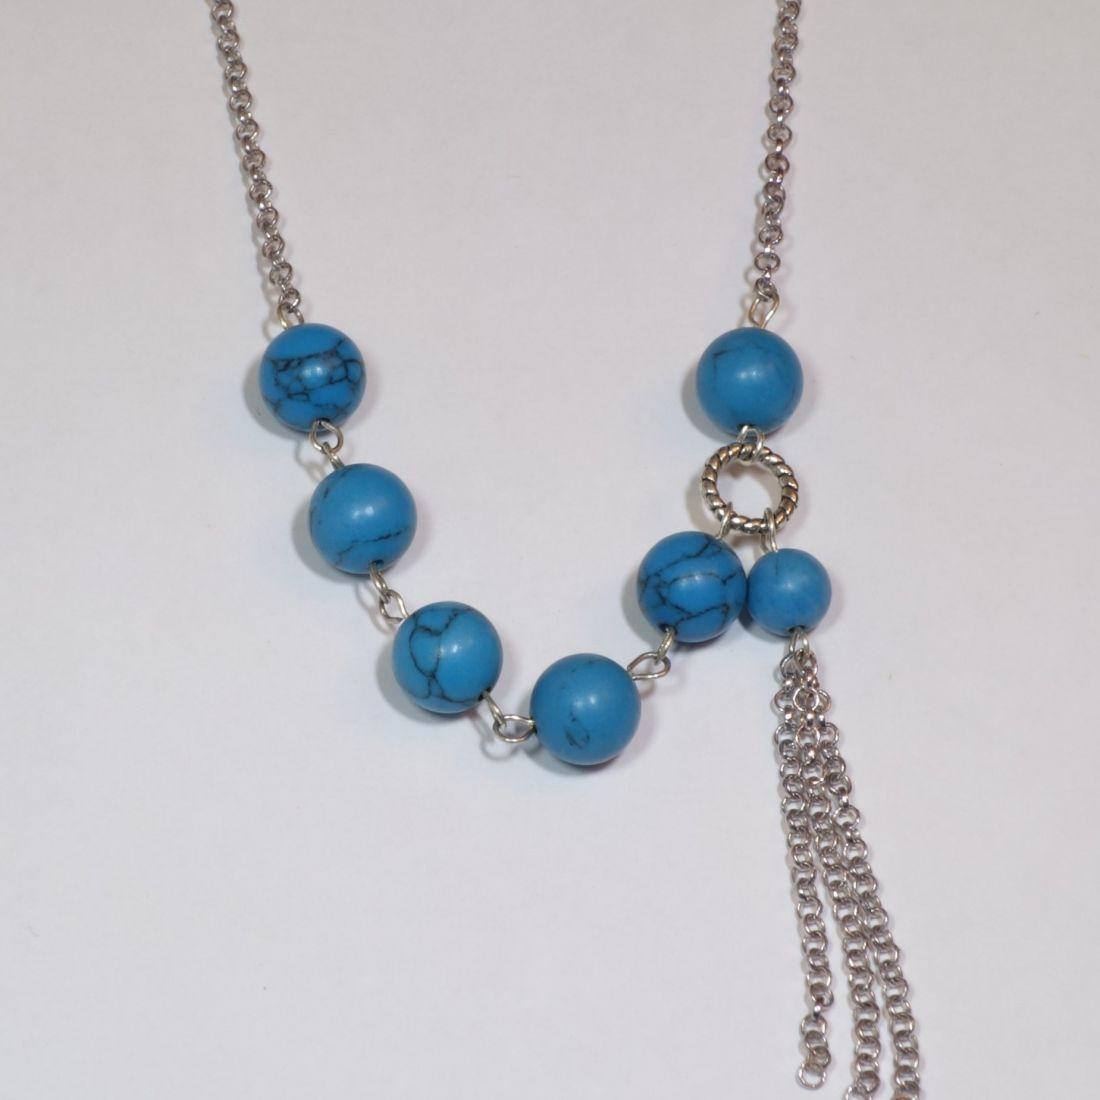 Türkinit nyaklánc ezüst színű lánccal